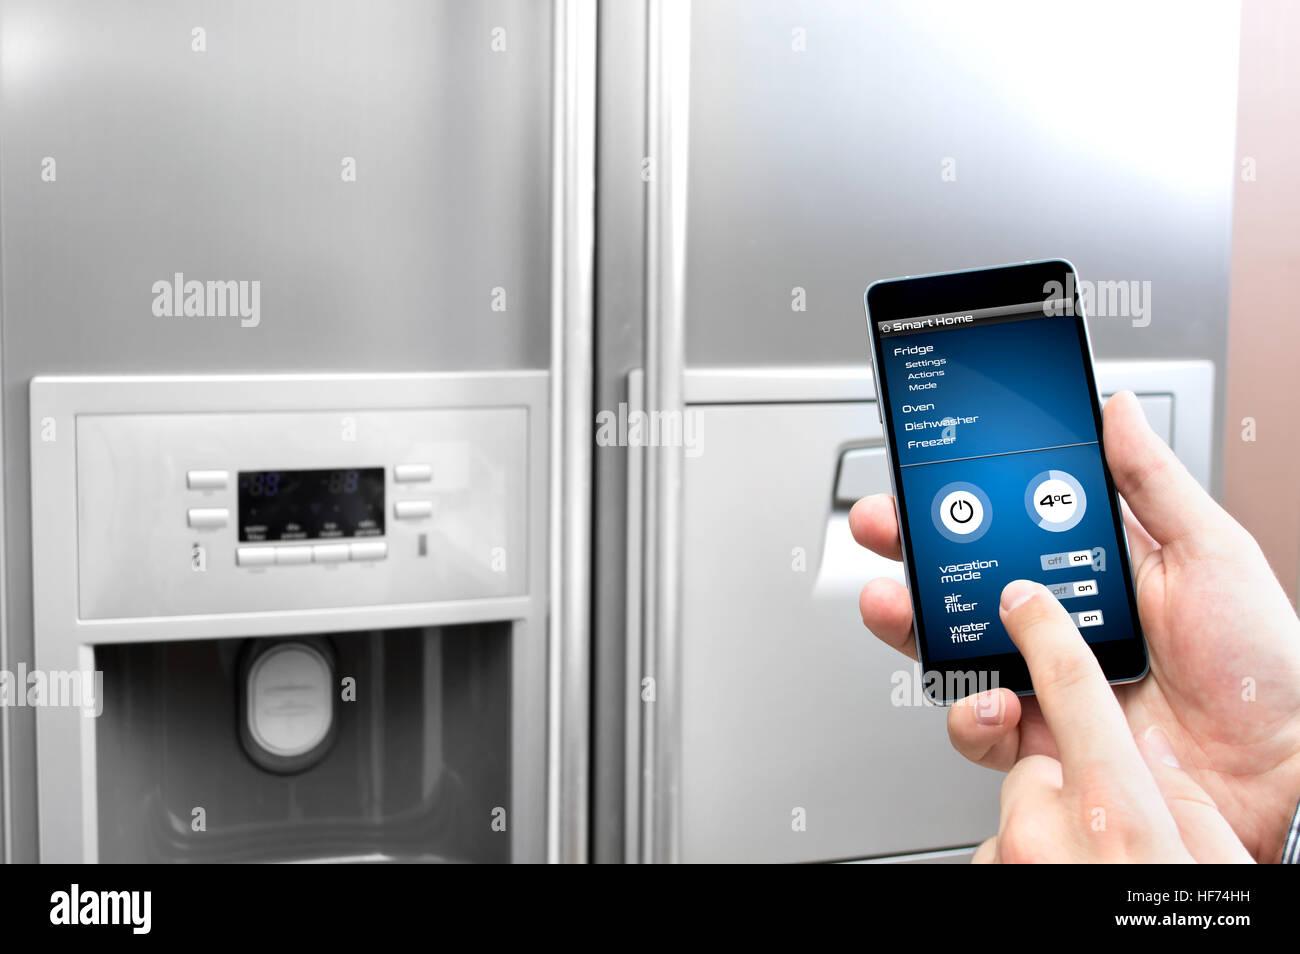 Uomo usa il suo smartphone per impostare il frigo Immagini Stock